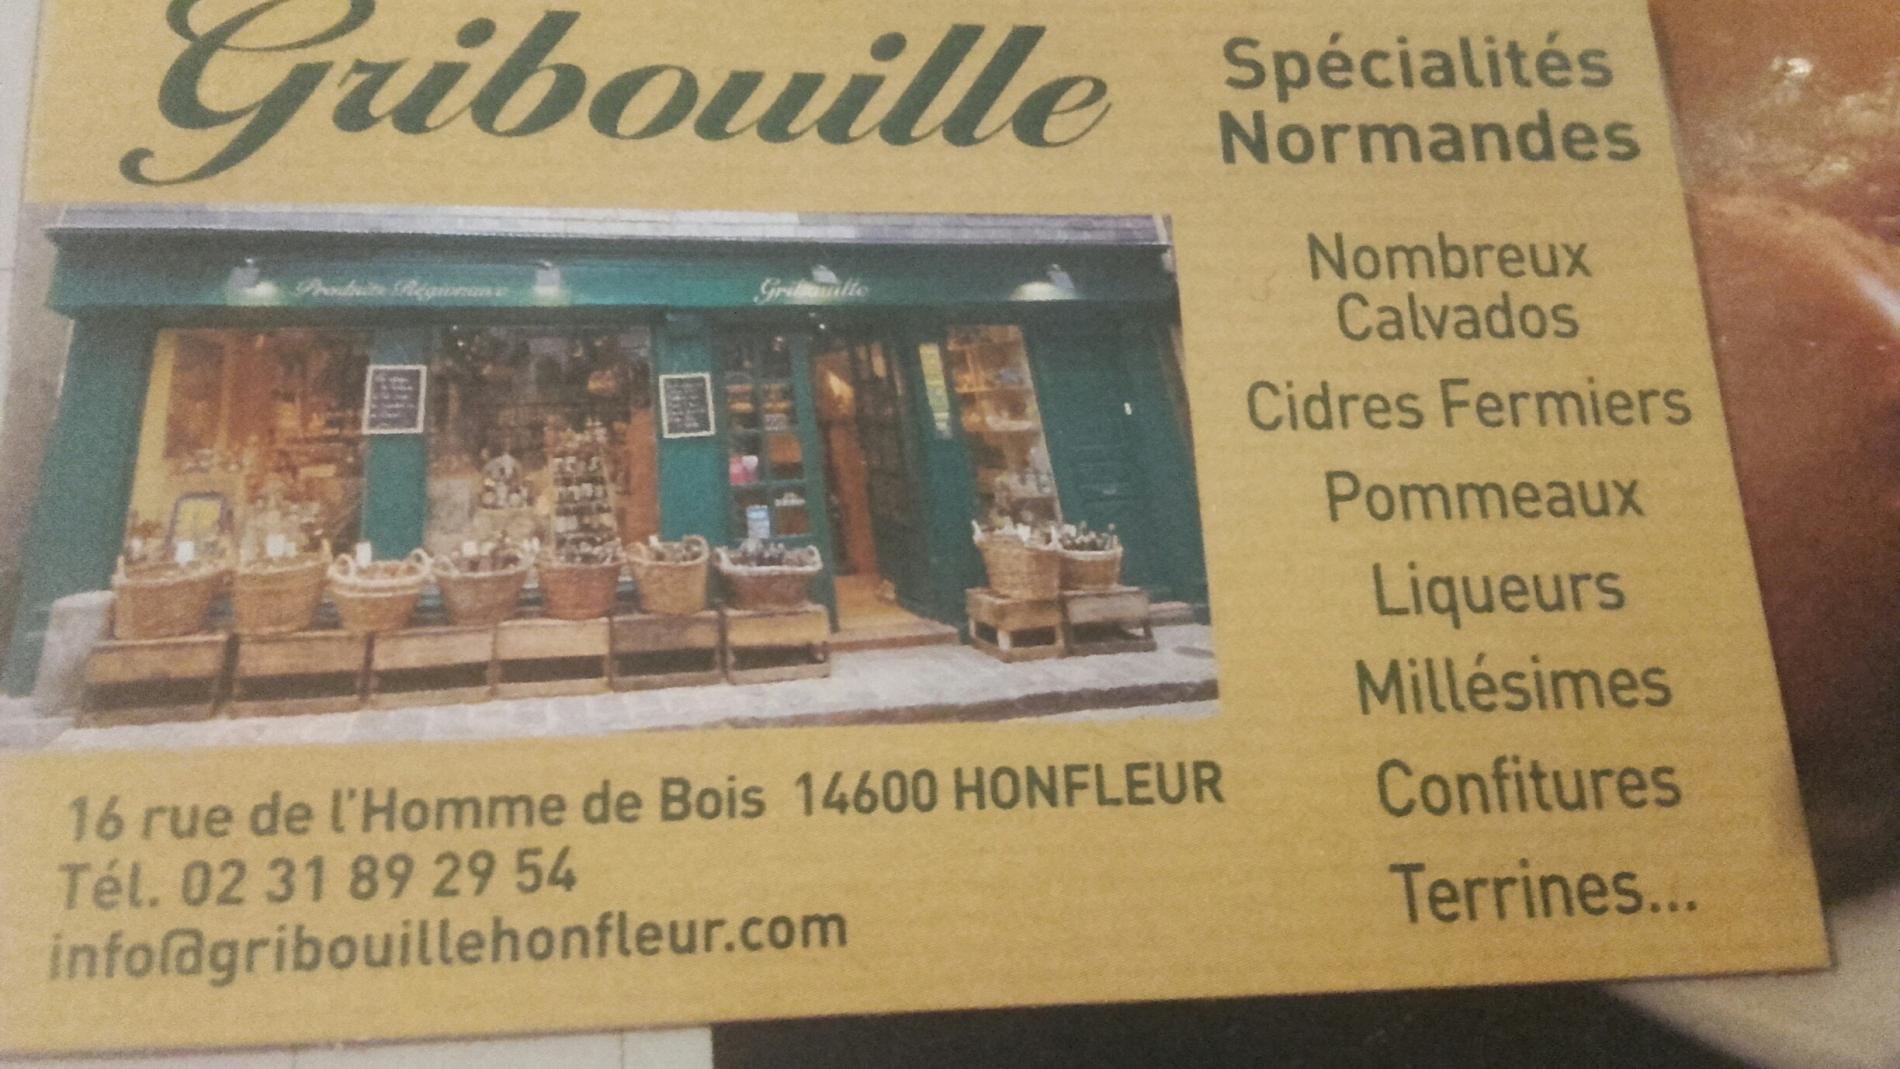 Produits régionaux GRIBOUILLE Honfleur